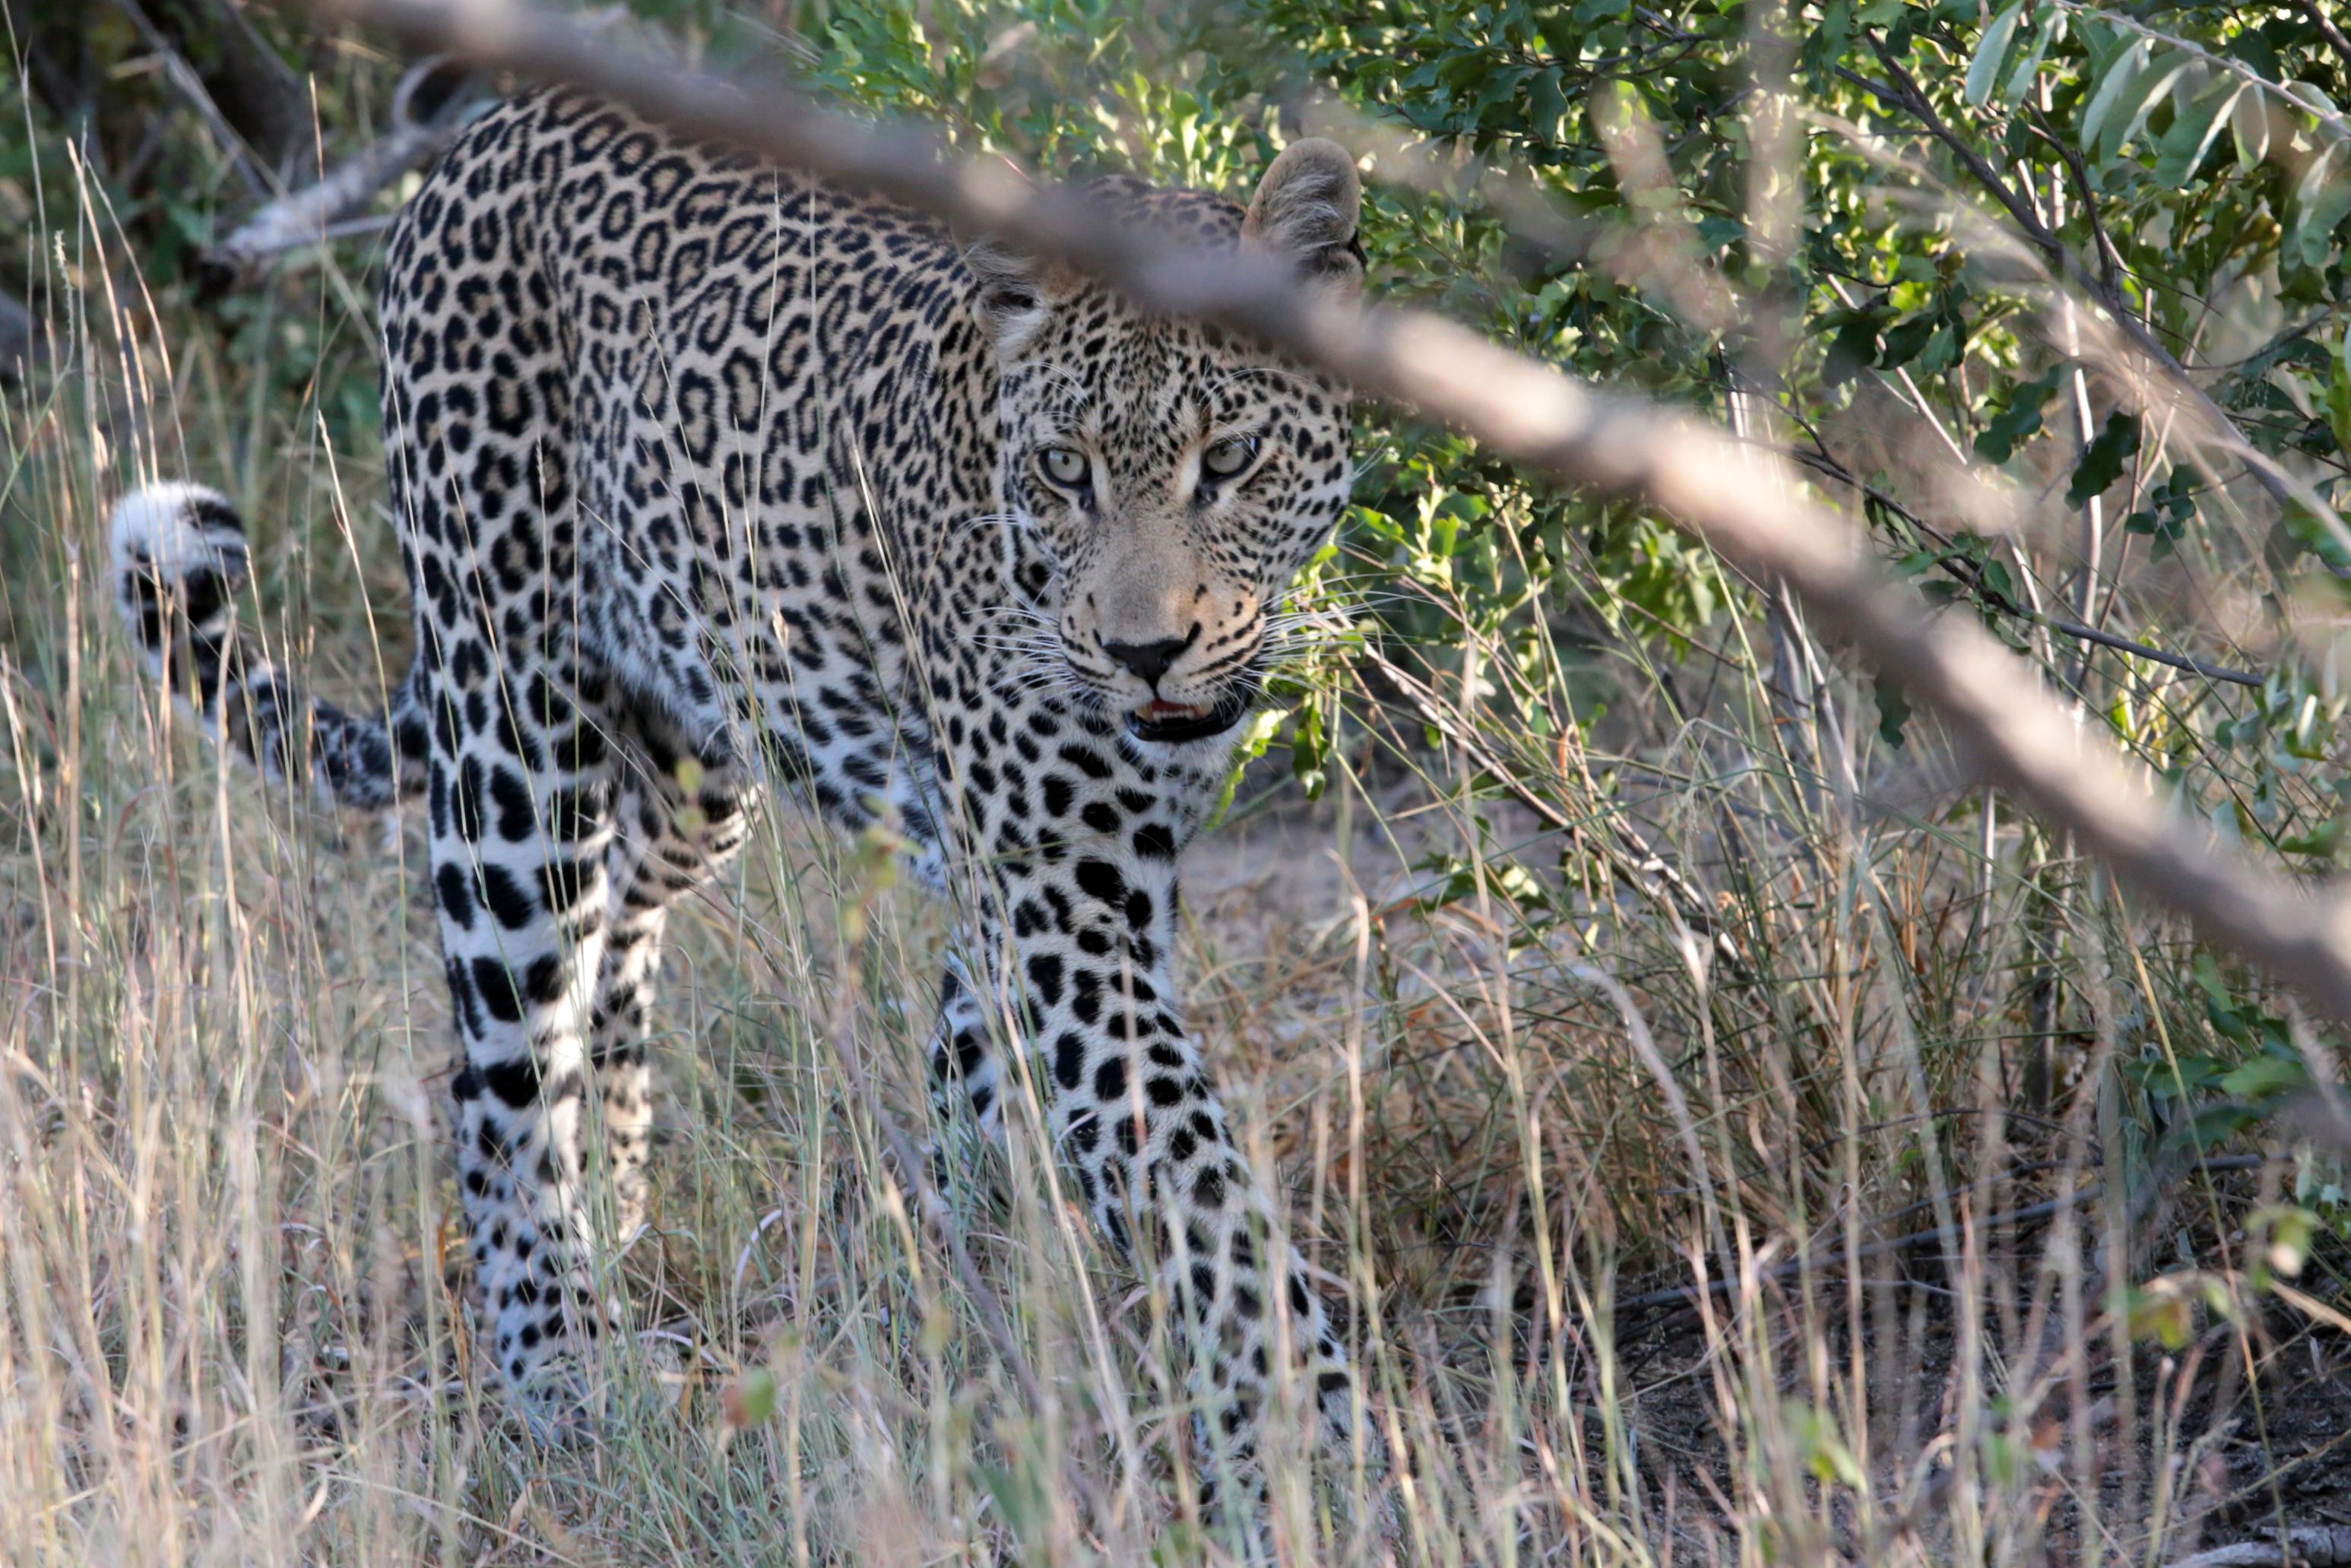 Leopard in den Büschen im Yala Nationalpark - Sri Lanka